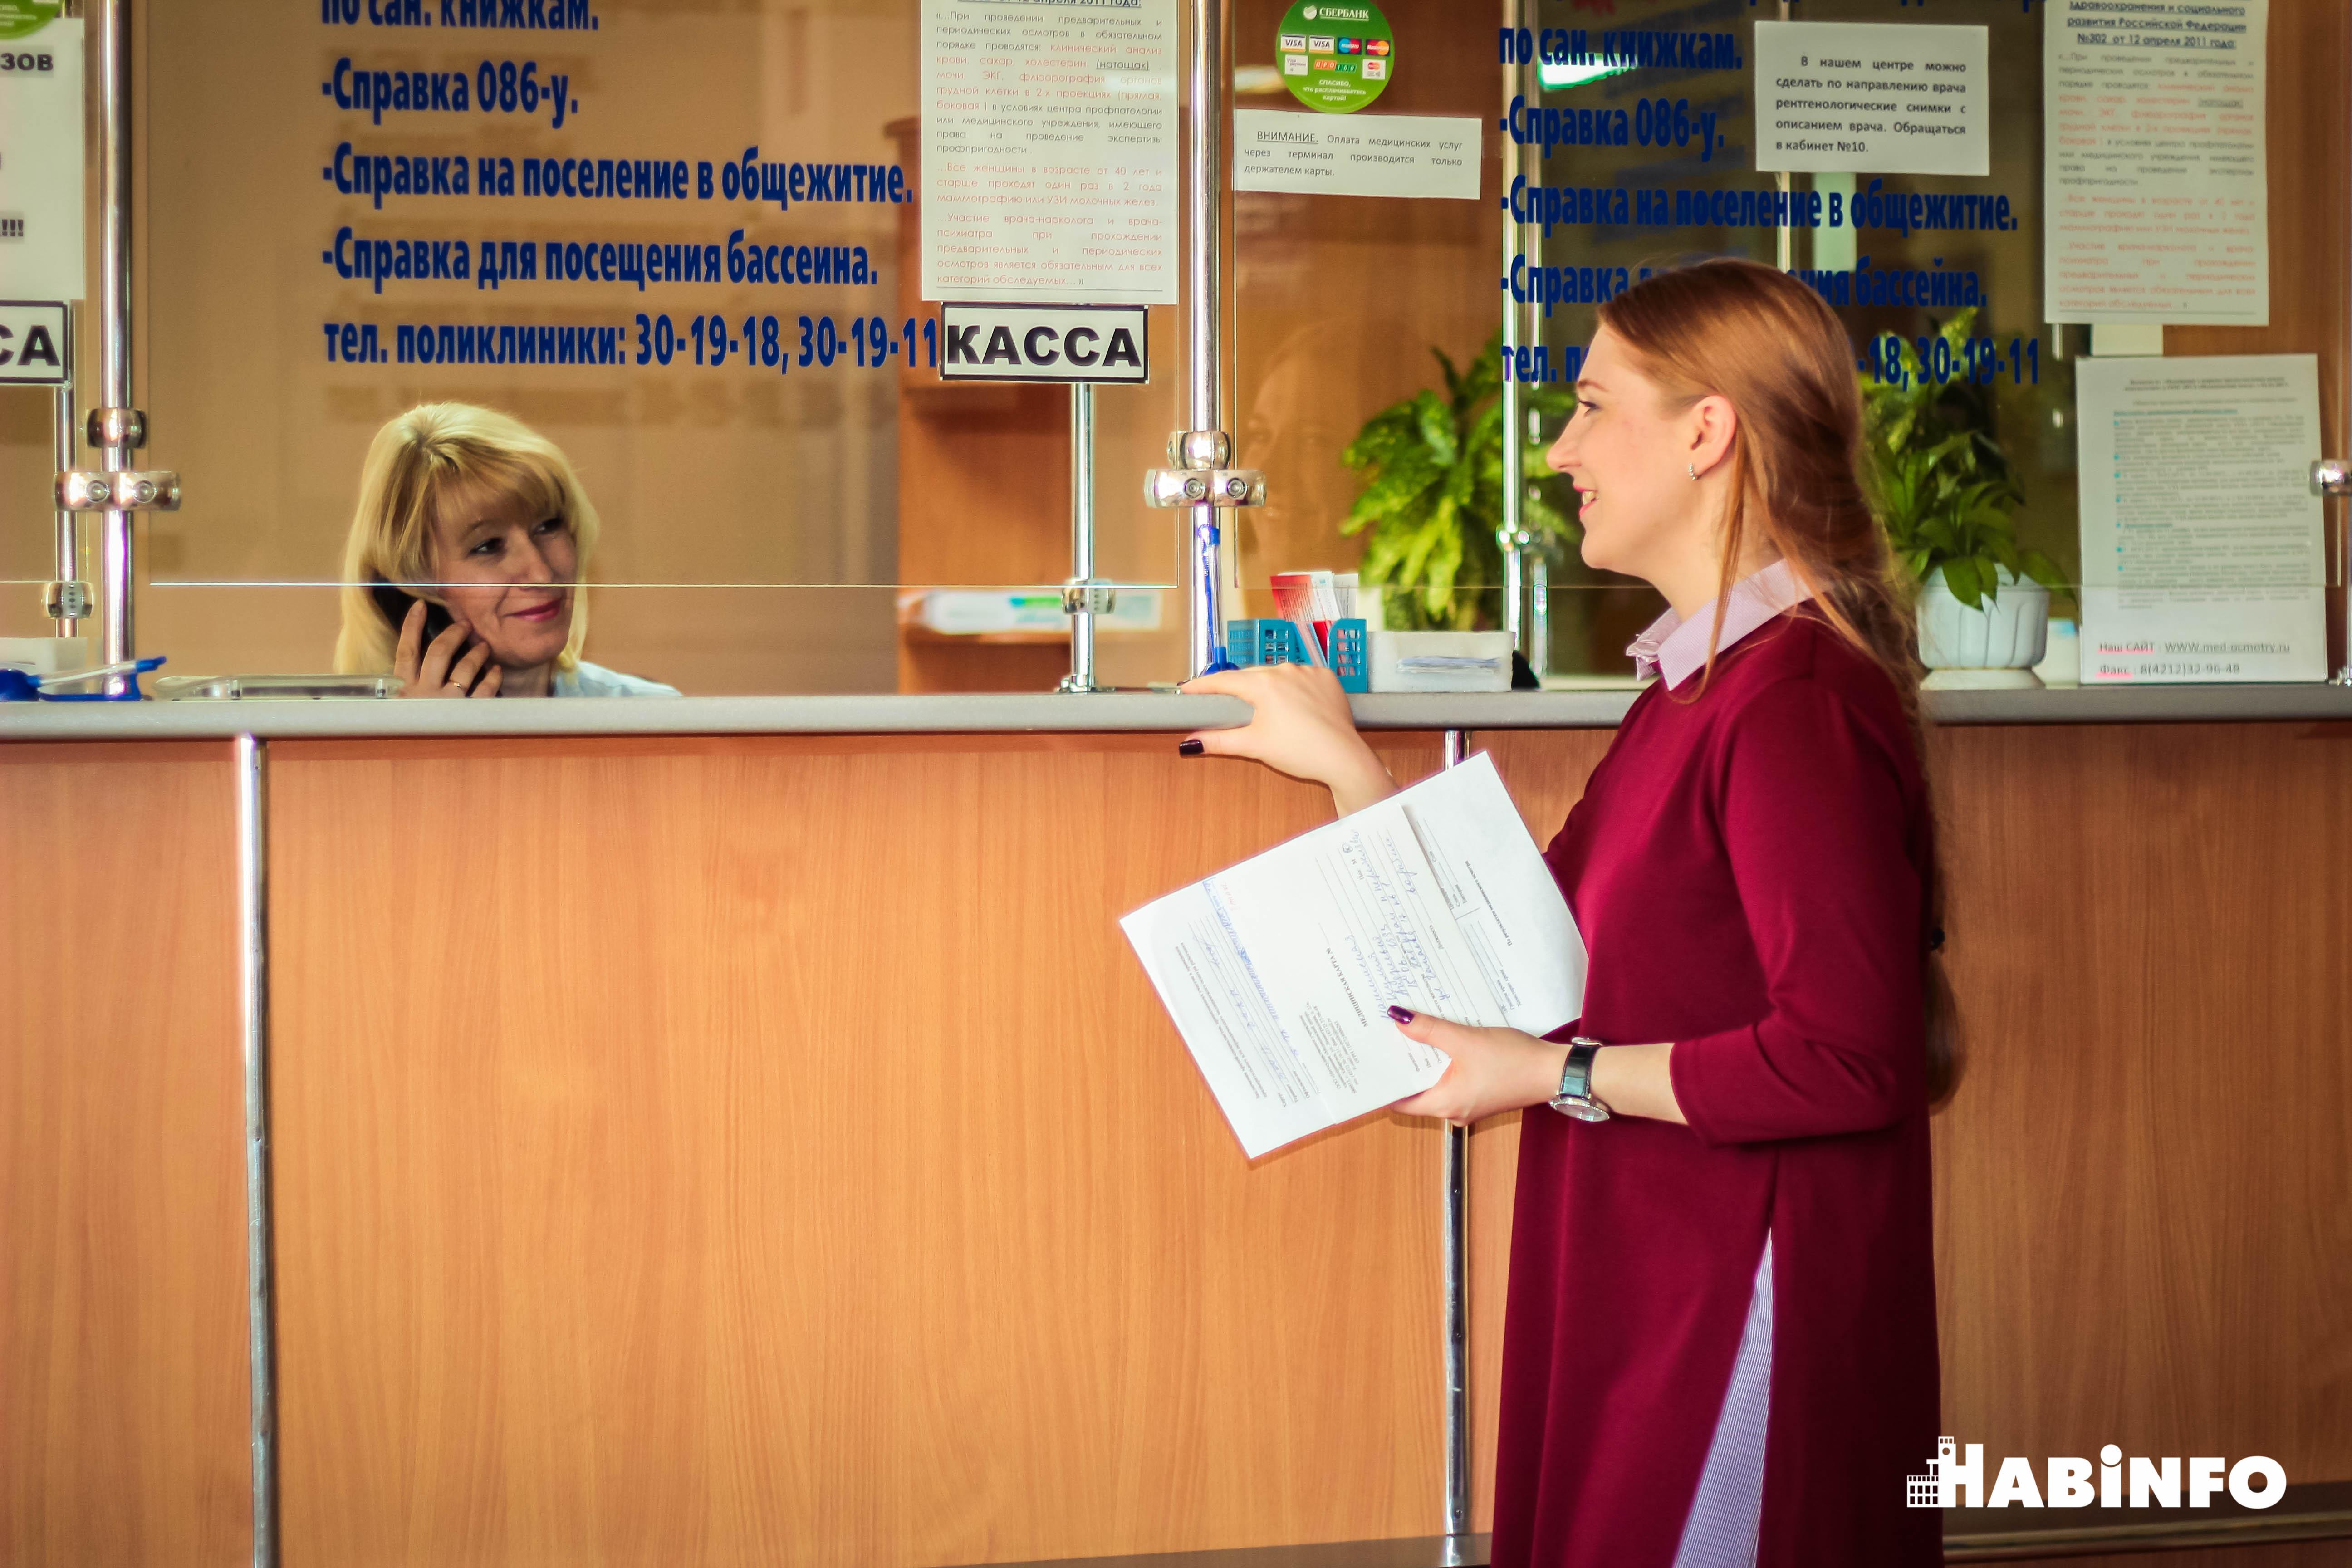 Проверено на себе: как корреспондент habinfo.ru водительскую медкомиссию проходил